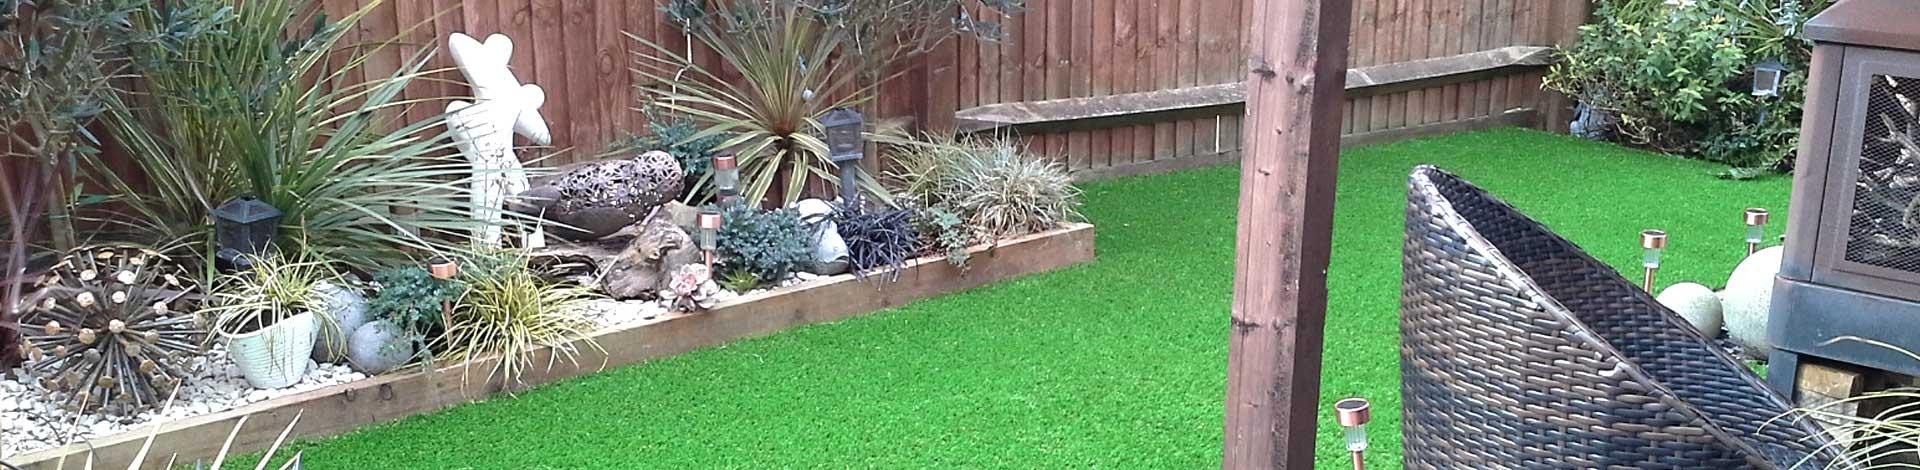 Mr grass garden